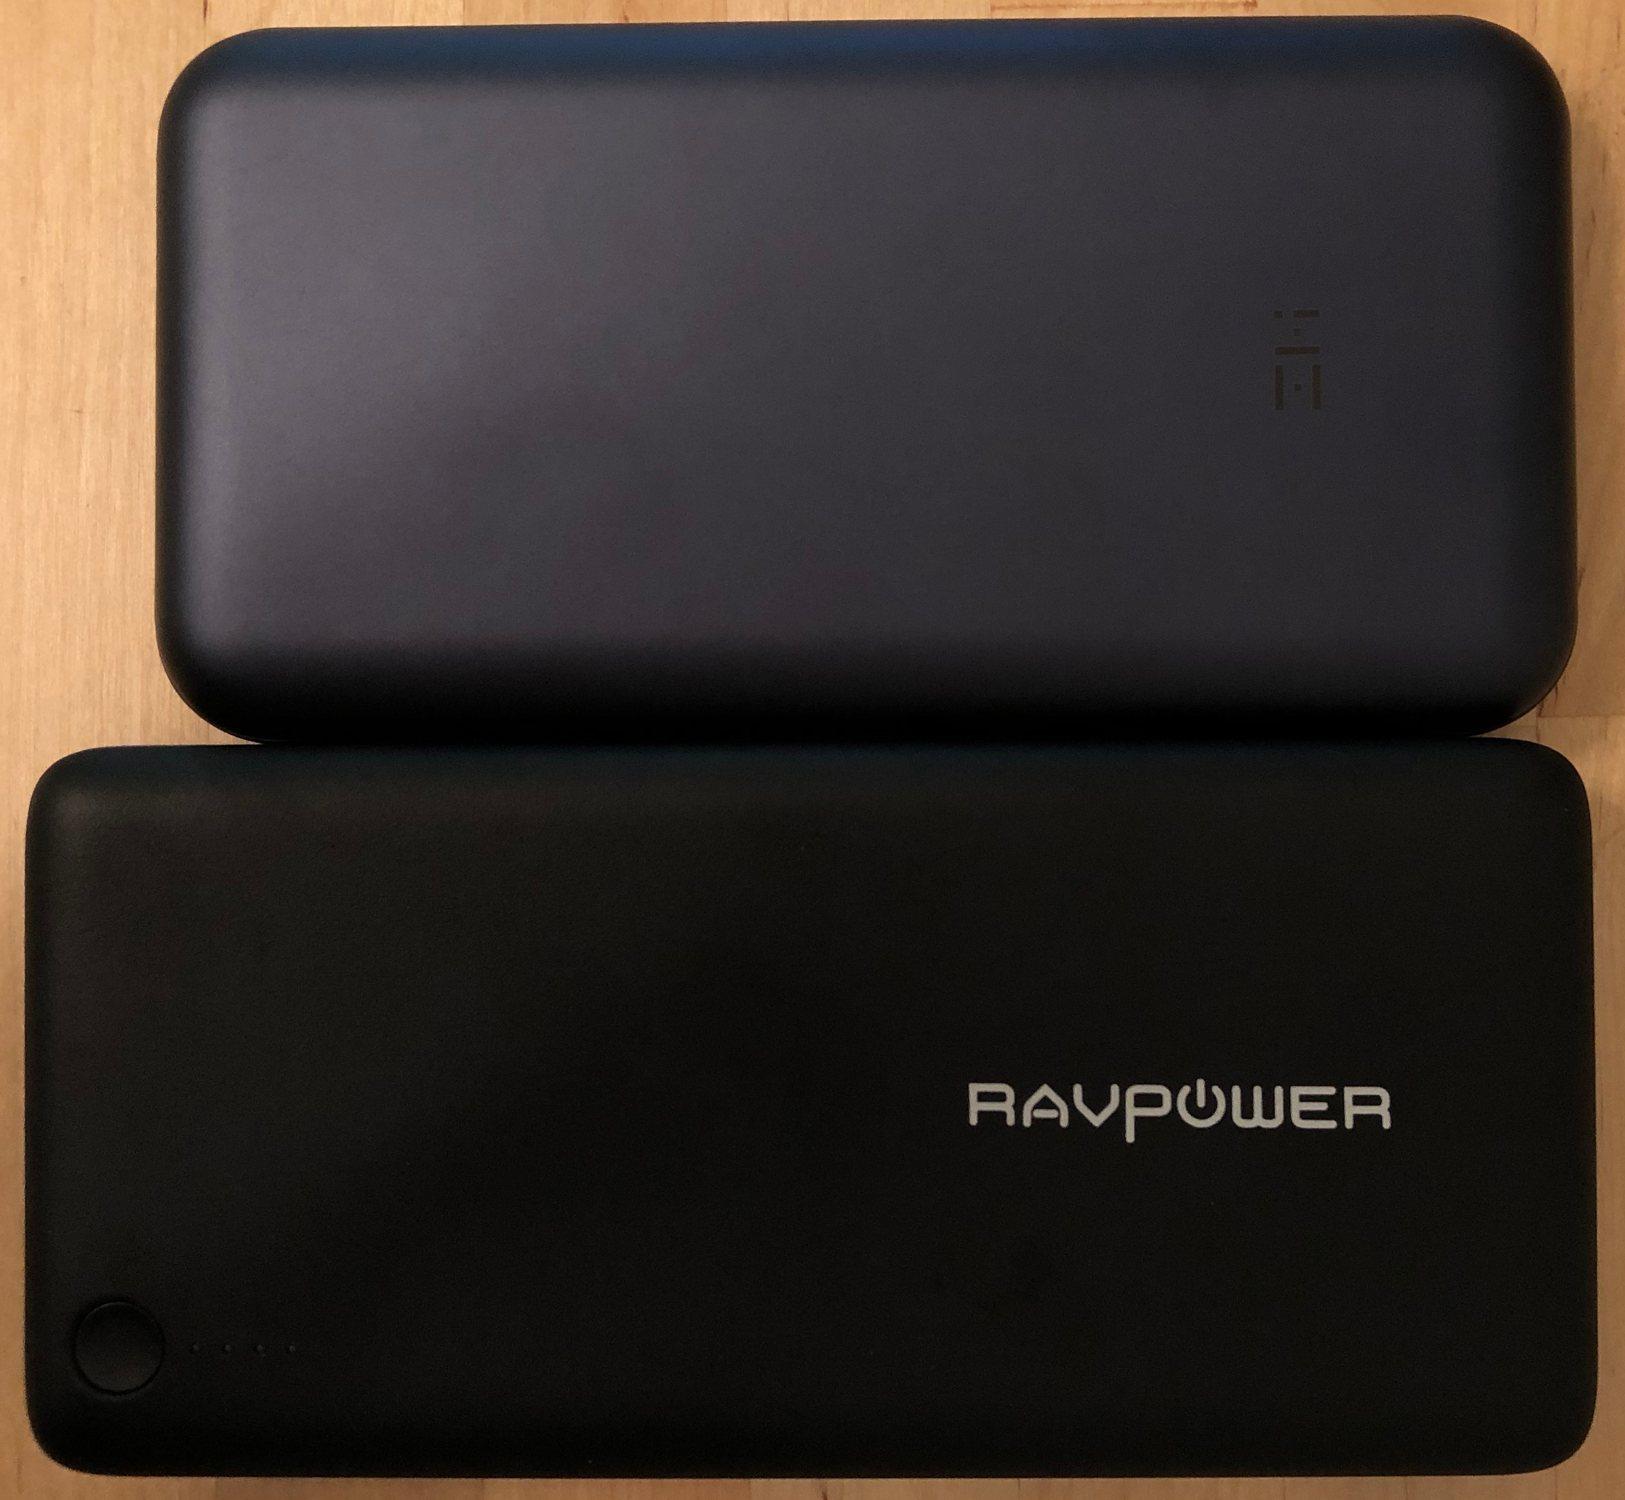 ZMI QB820 (arriba) y RAVPower 26800 USB-C PD (abajo)